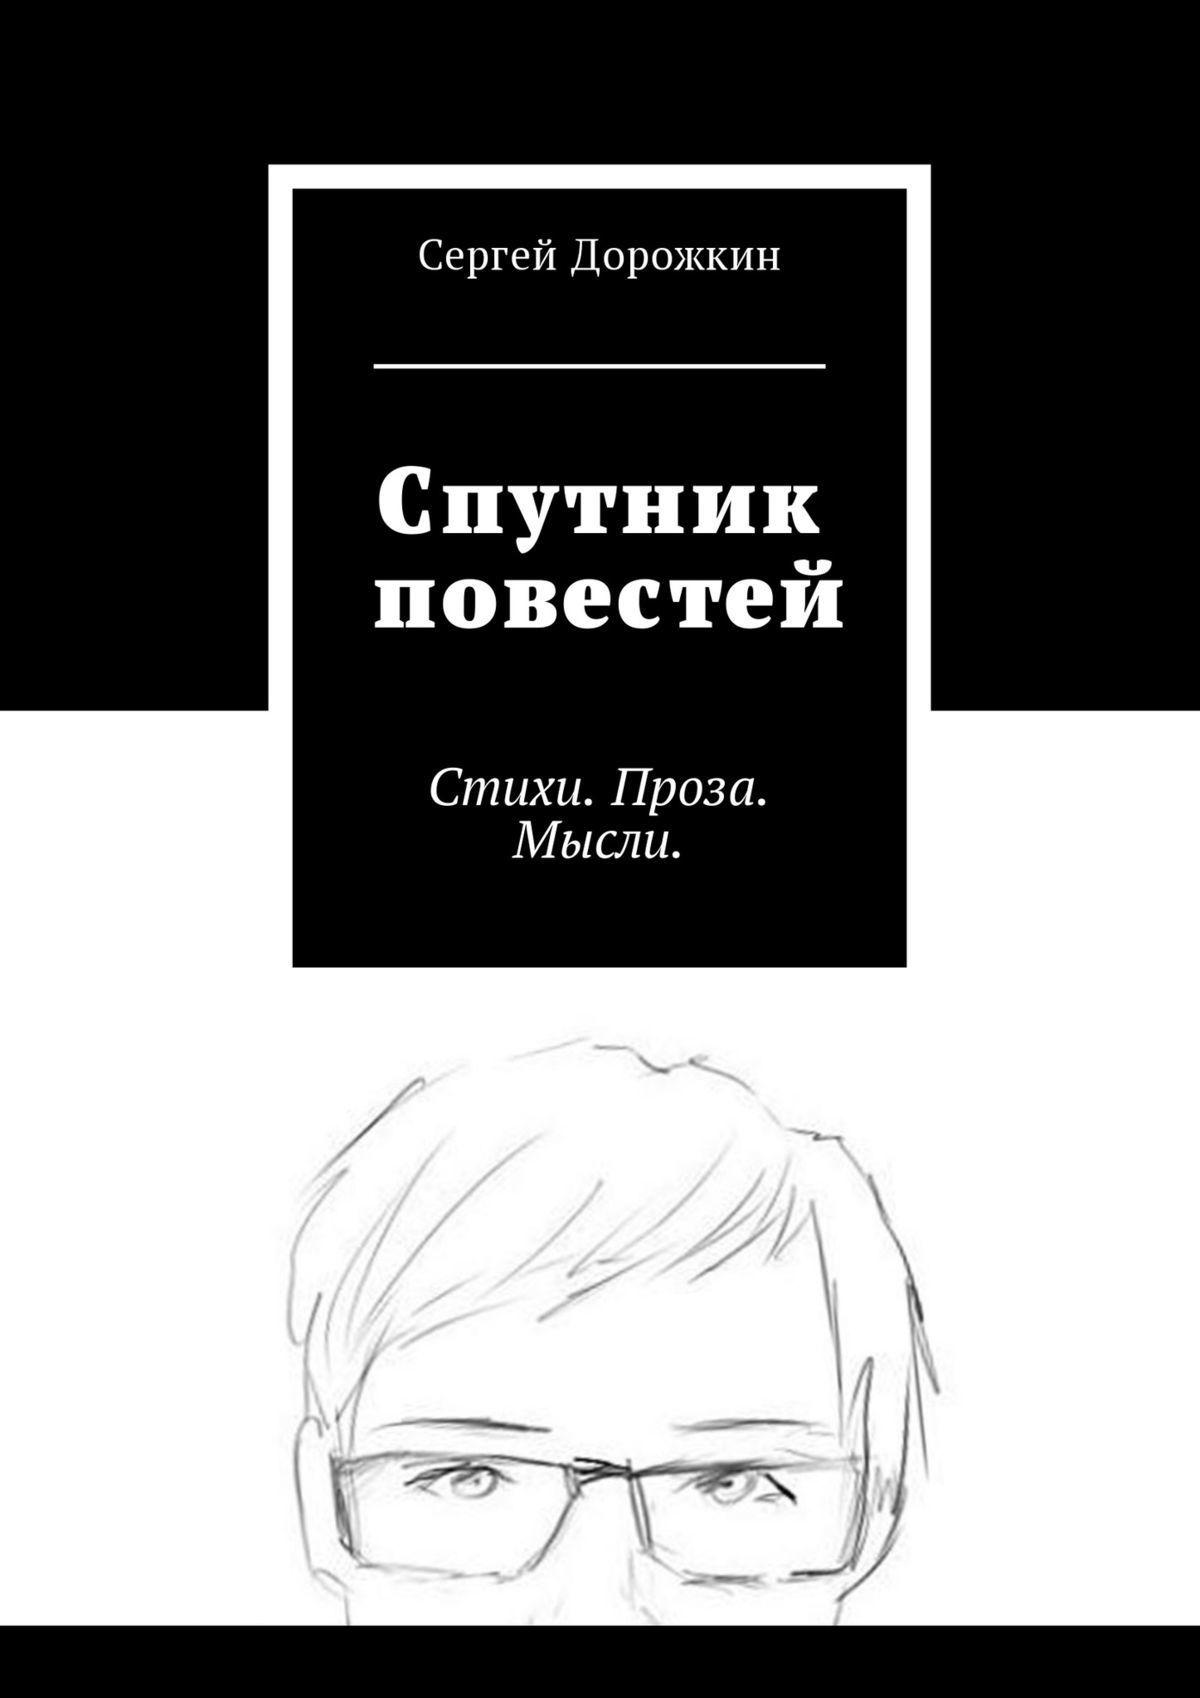 Сергей Алексеевич Дорожкин Спутник повестей. Стихи. Проза. Мысли. цена